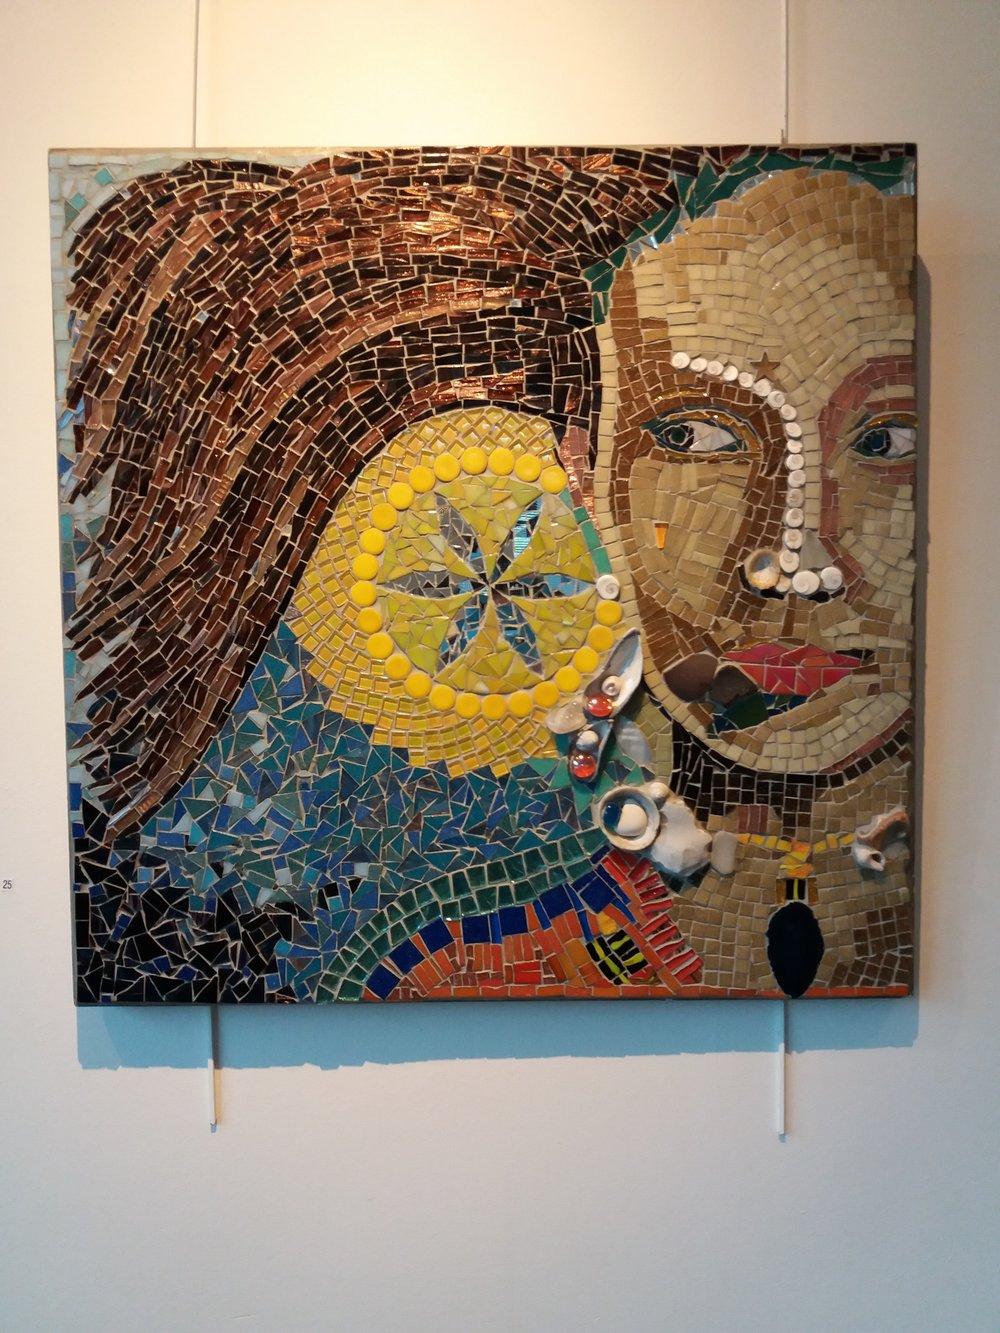 Eos mosaic